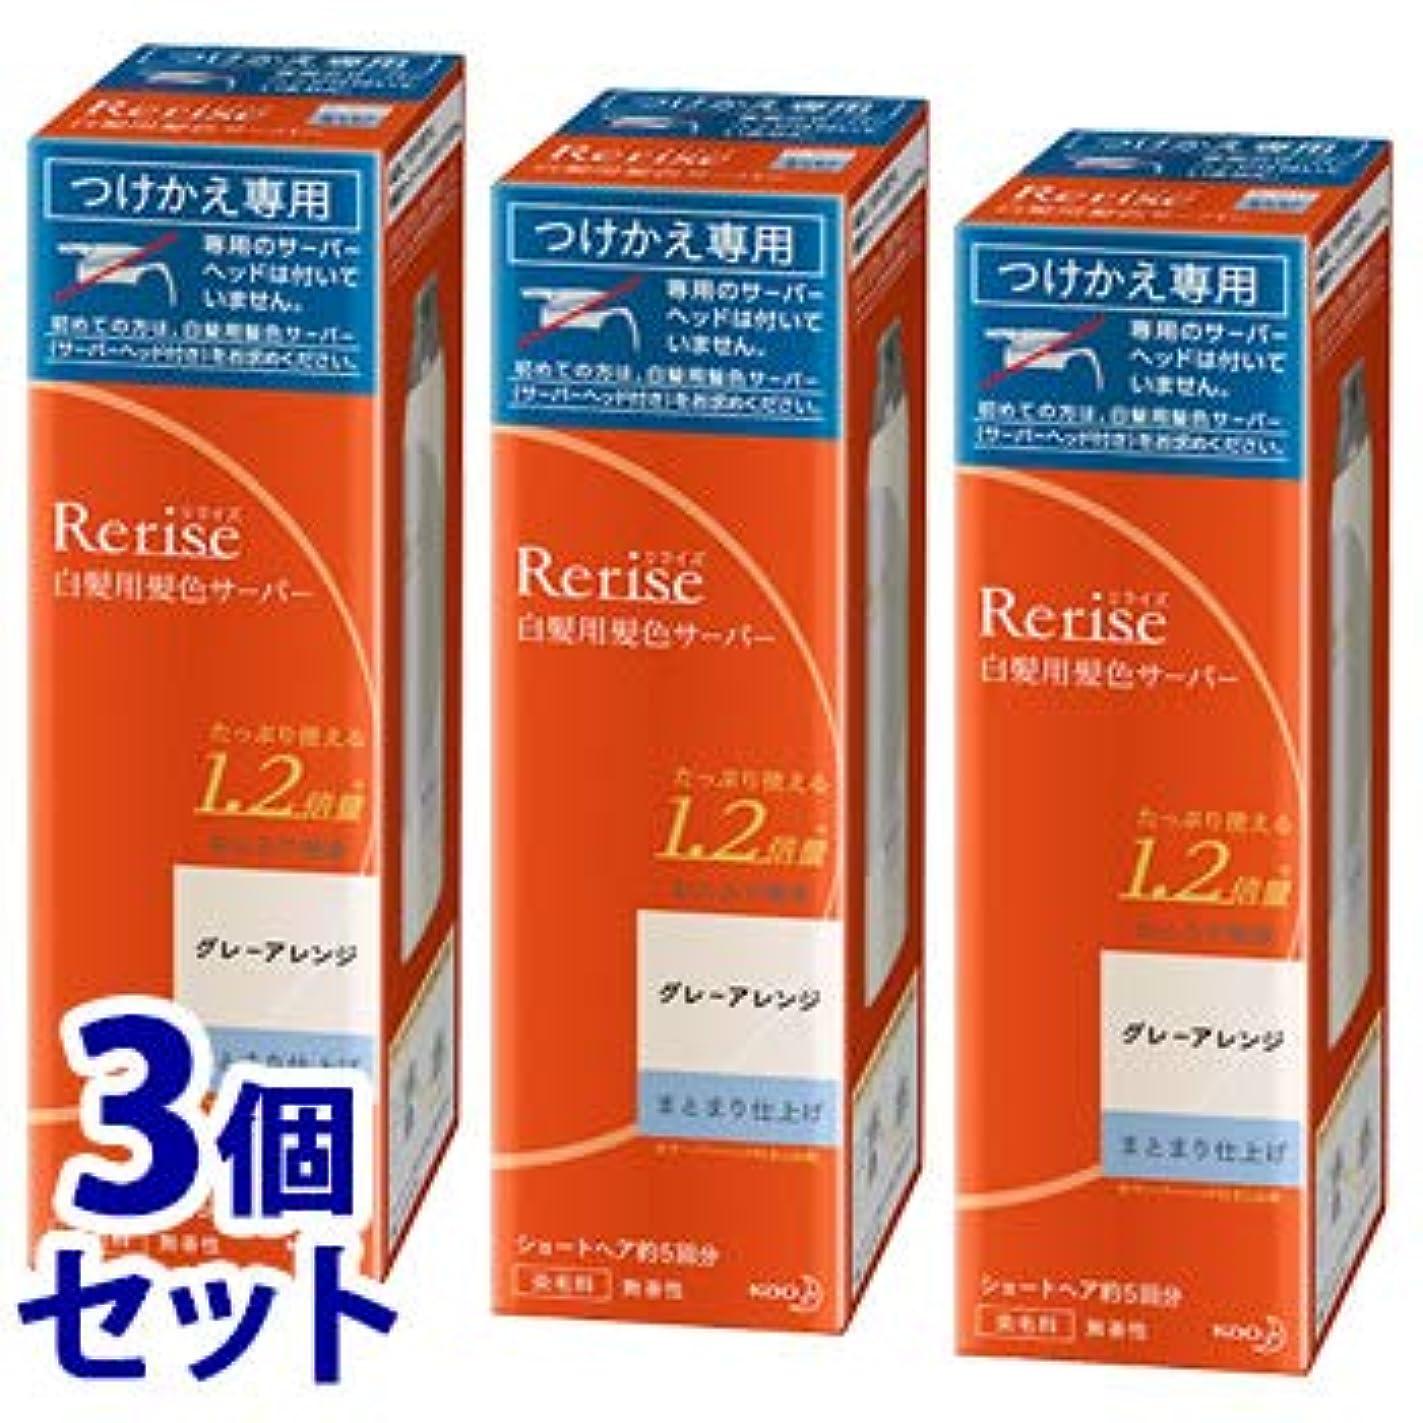 甘い熱移植《セット販売》 花王 リライズ 白髪用髪色サーバー グレーアレンジ まとまり仕上げ つけかえ用 (190g)×3個セット 付け替え用 染毛料